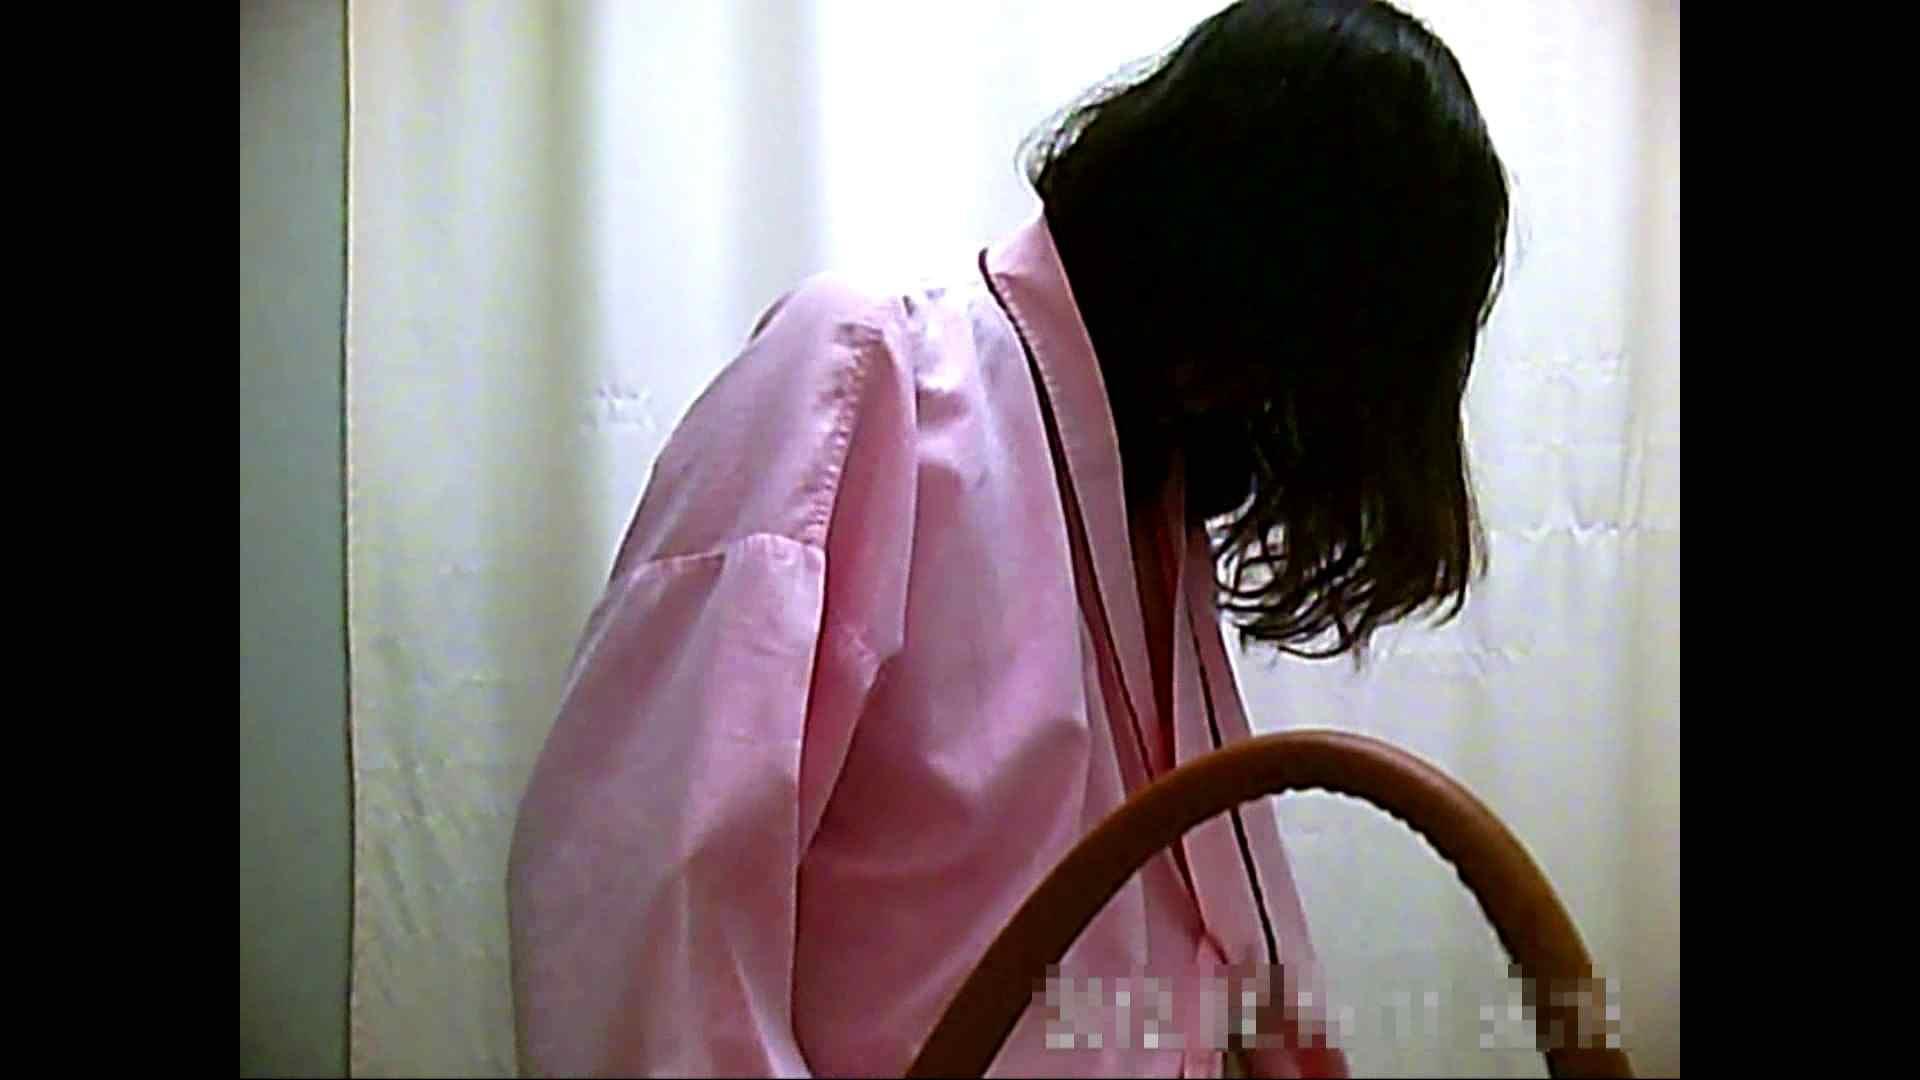 病院おもいっきり着替え! vol.282 おっぱい オマンコ無修正動画無料 85pic 13